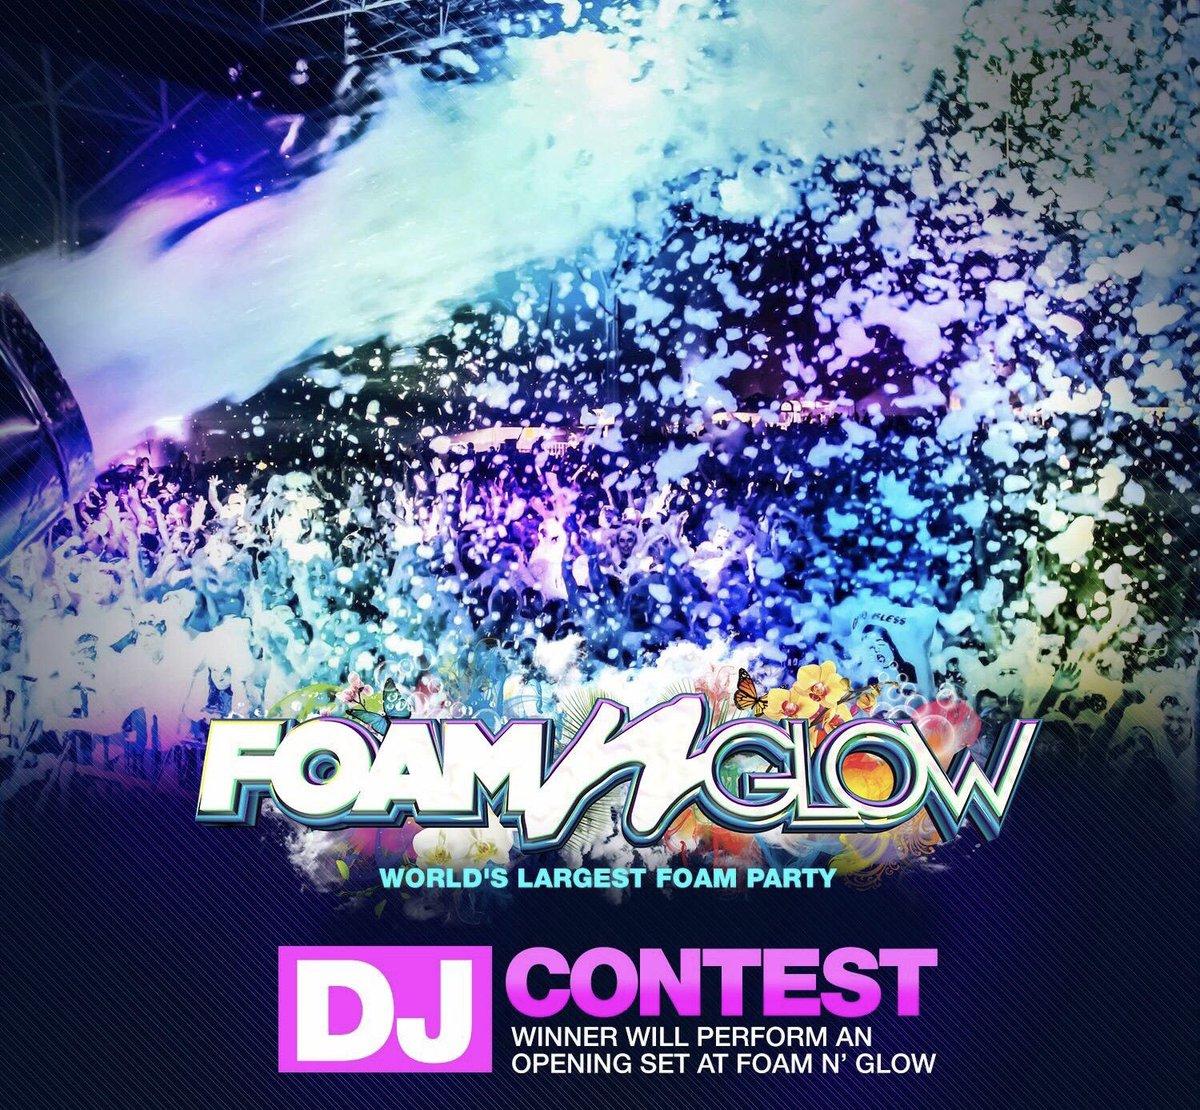 Foam N\' Glow™ (@FoamNGlow) | Twitter